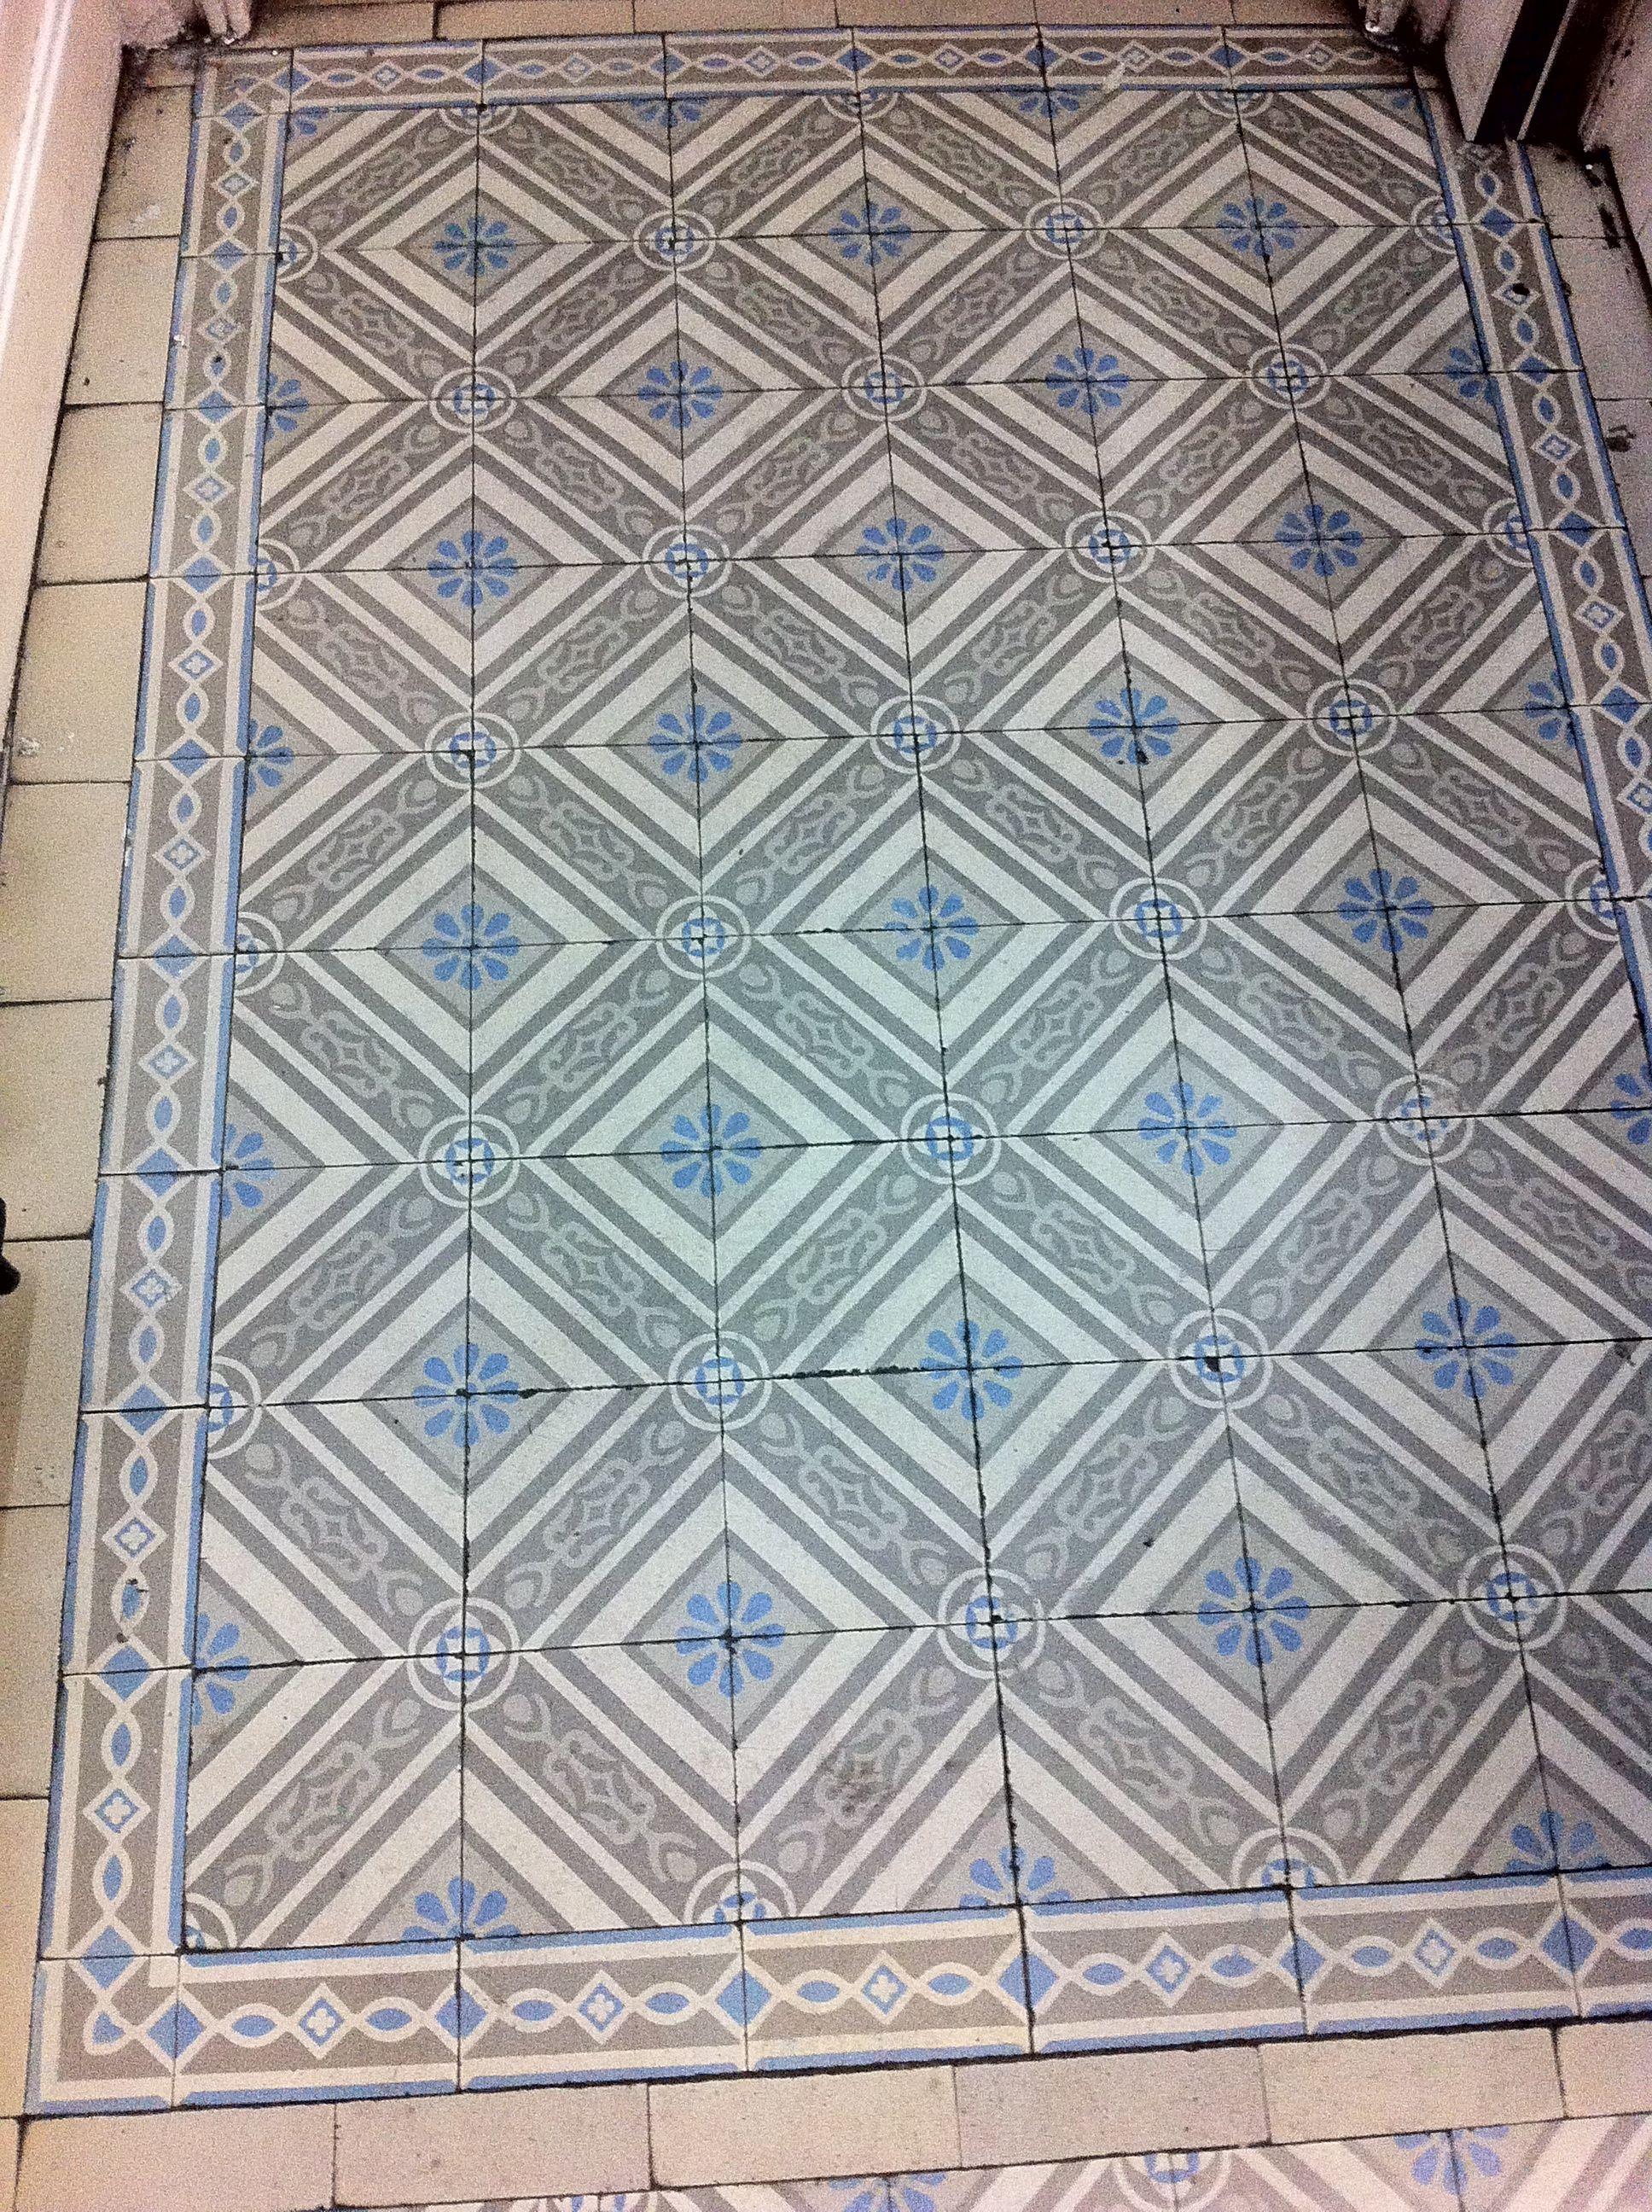 Zementfliesen Belgien Cement Tiles Belgium